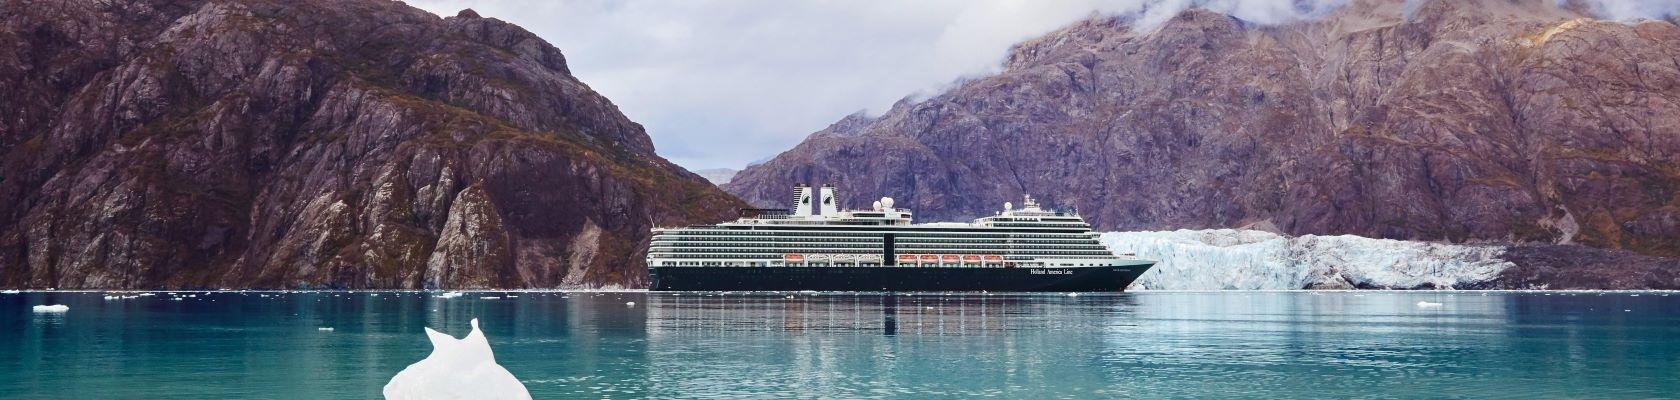 Cruiseschip voor de kust van Alaska